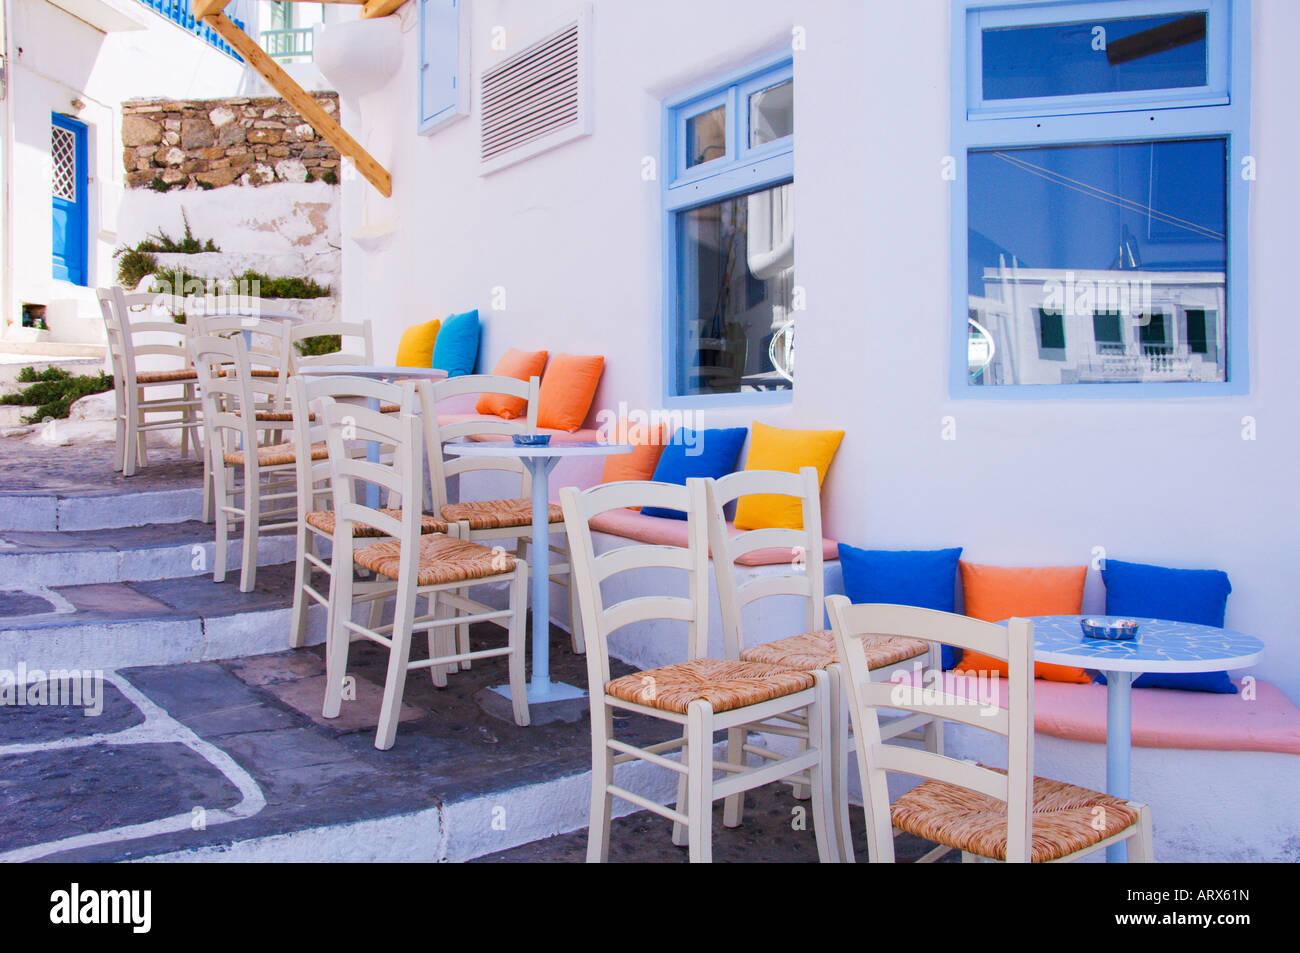 Design Per Ristoranti : Design per ristoranti milano arredamenti contract